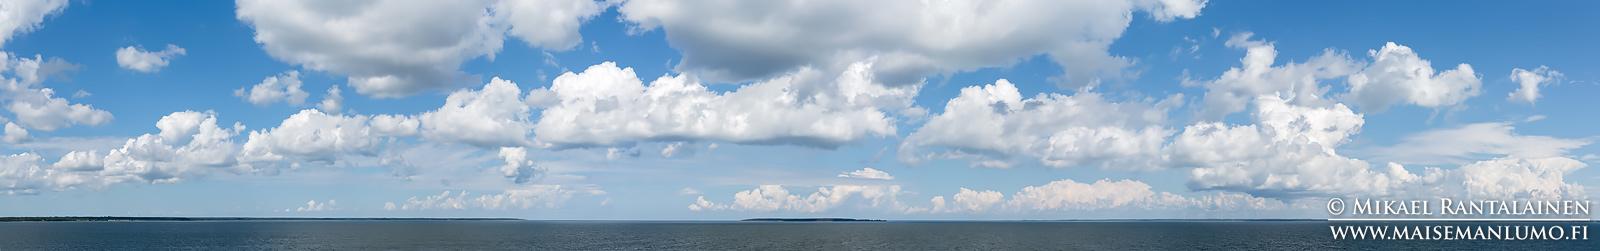 Näkymä Muhu - Virtsu lautalta, Viro (PU112)